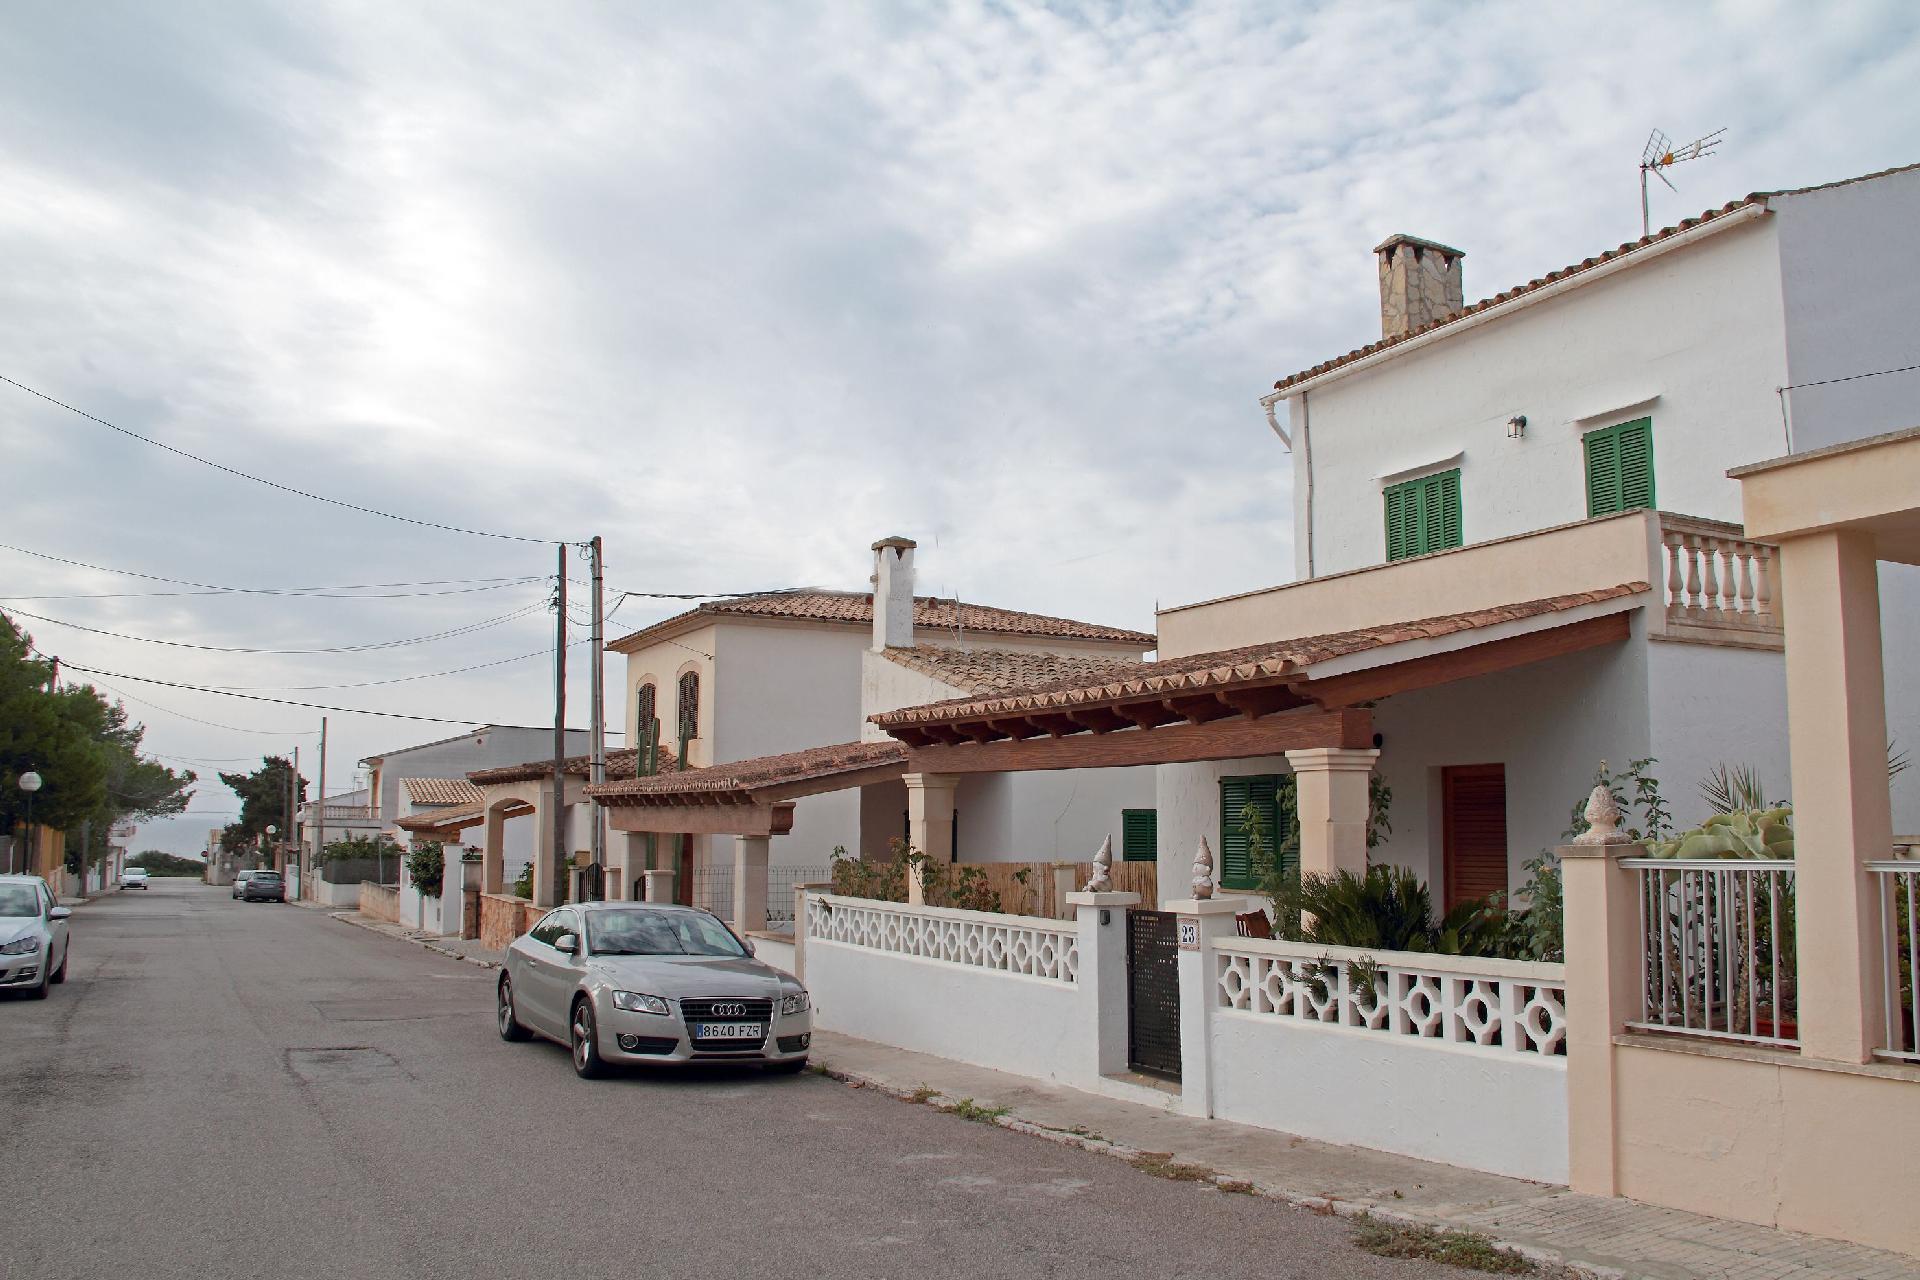 Ferienhaus für 4 Personen 2 Kinder ca 161 m² in Sa Rapita Mallorca Südküste von Mallorca